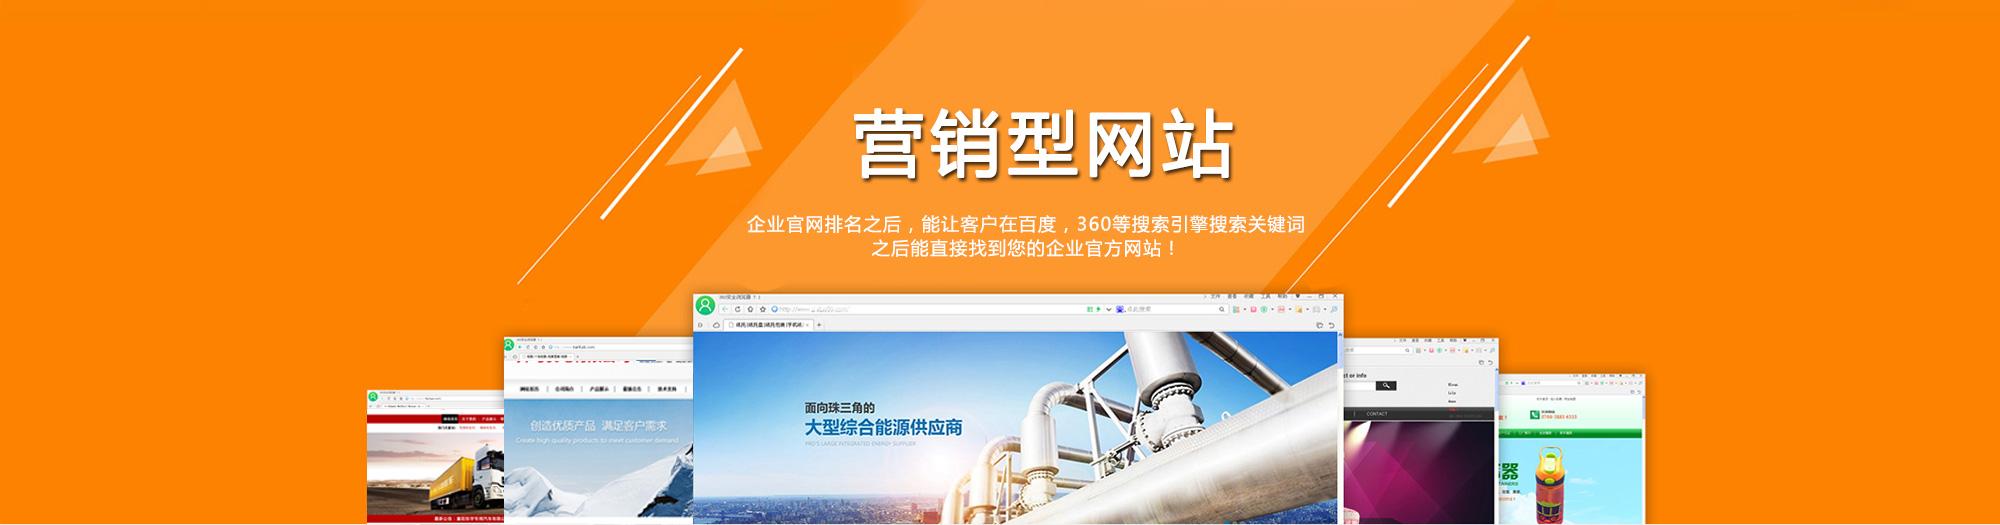 襄阳网站建设